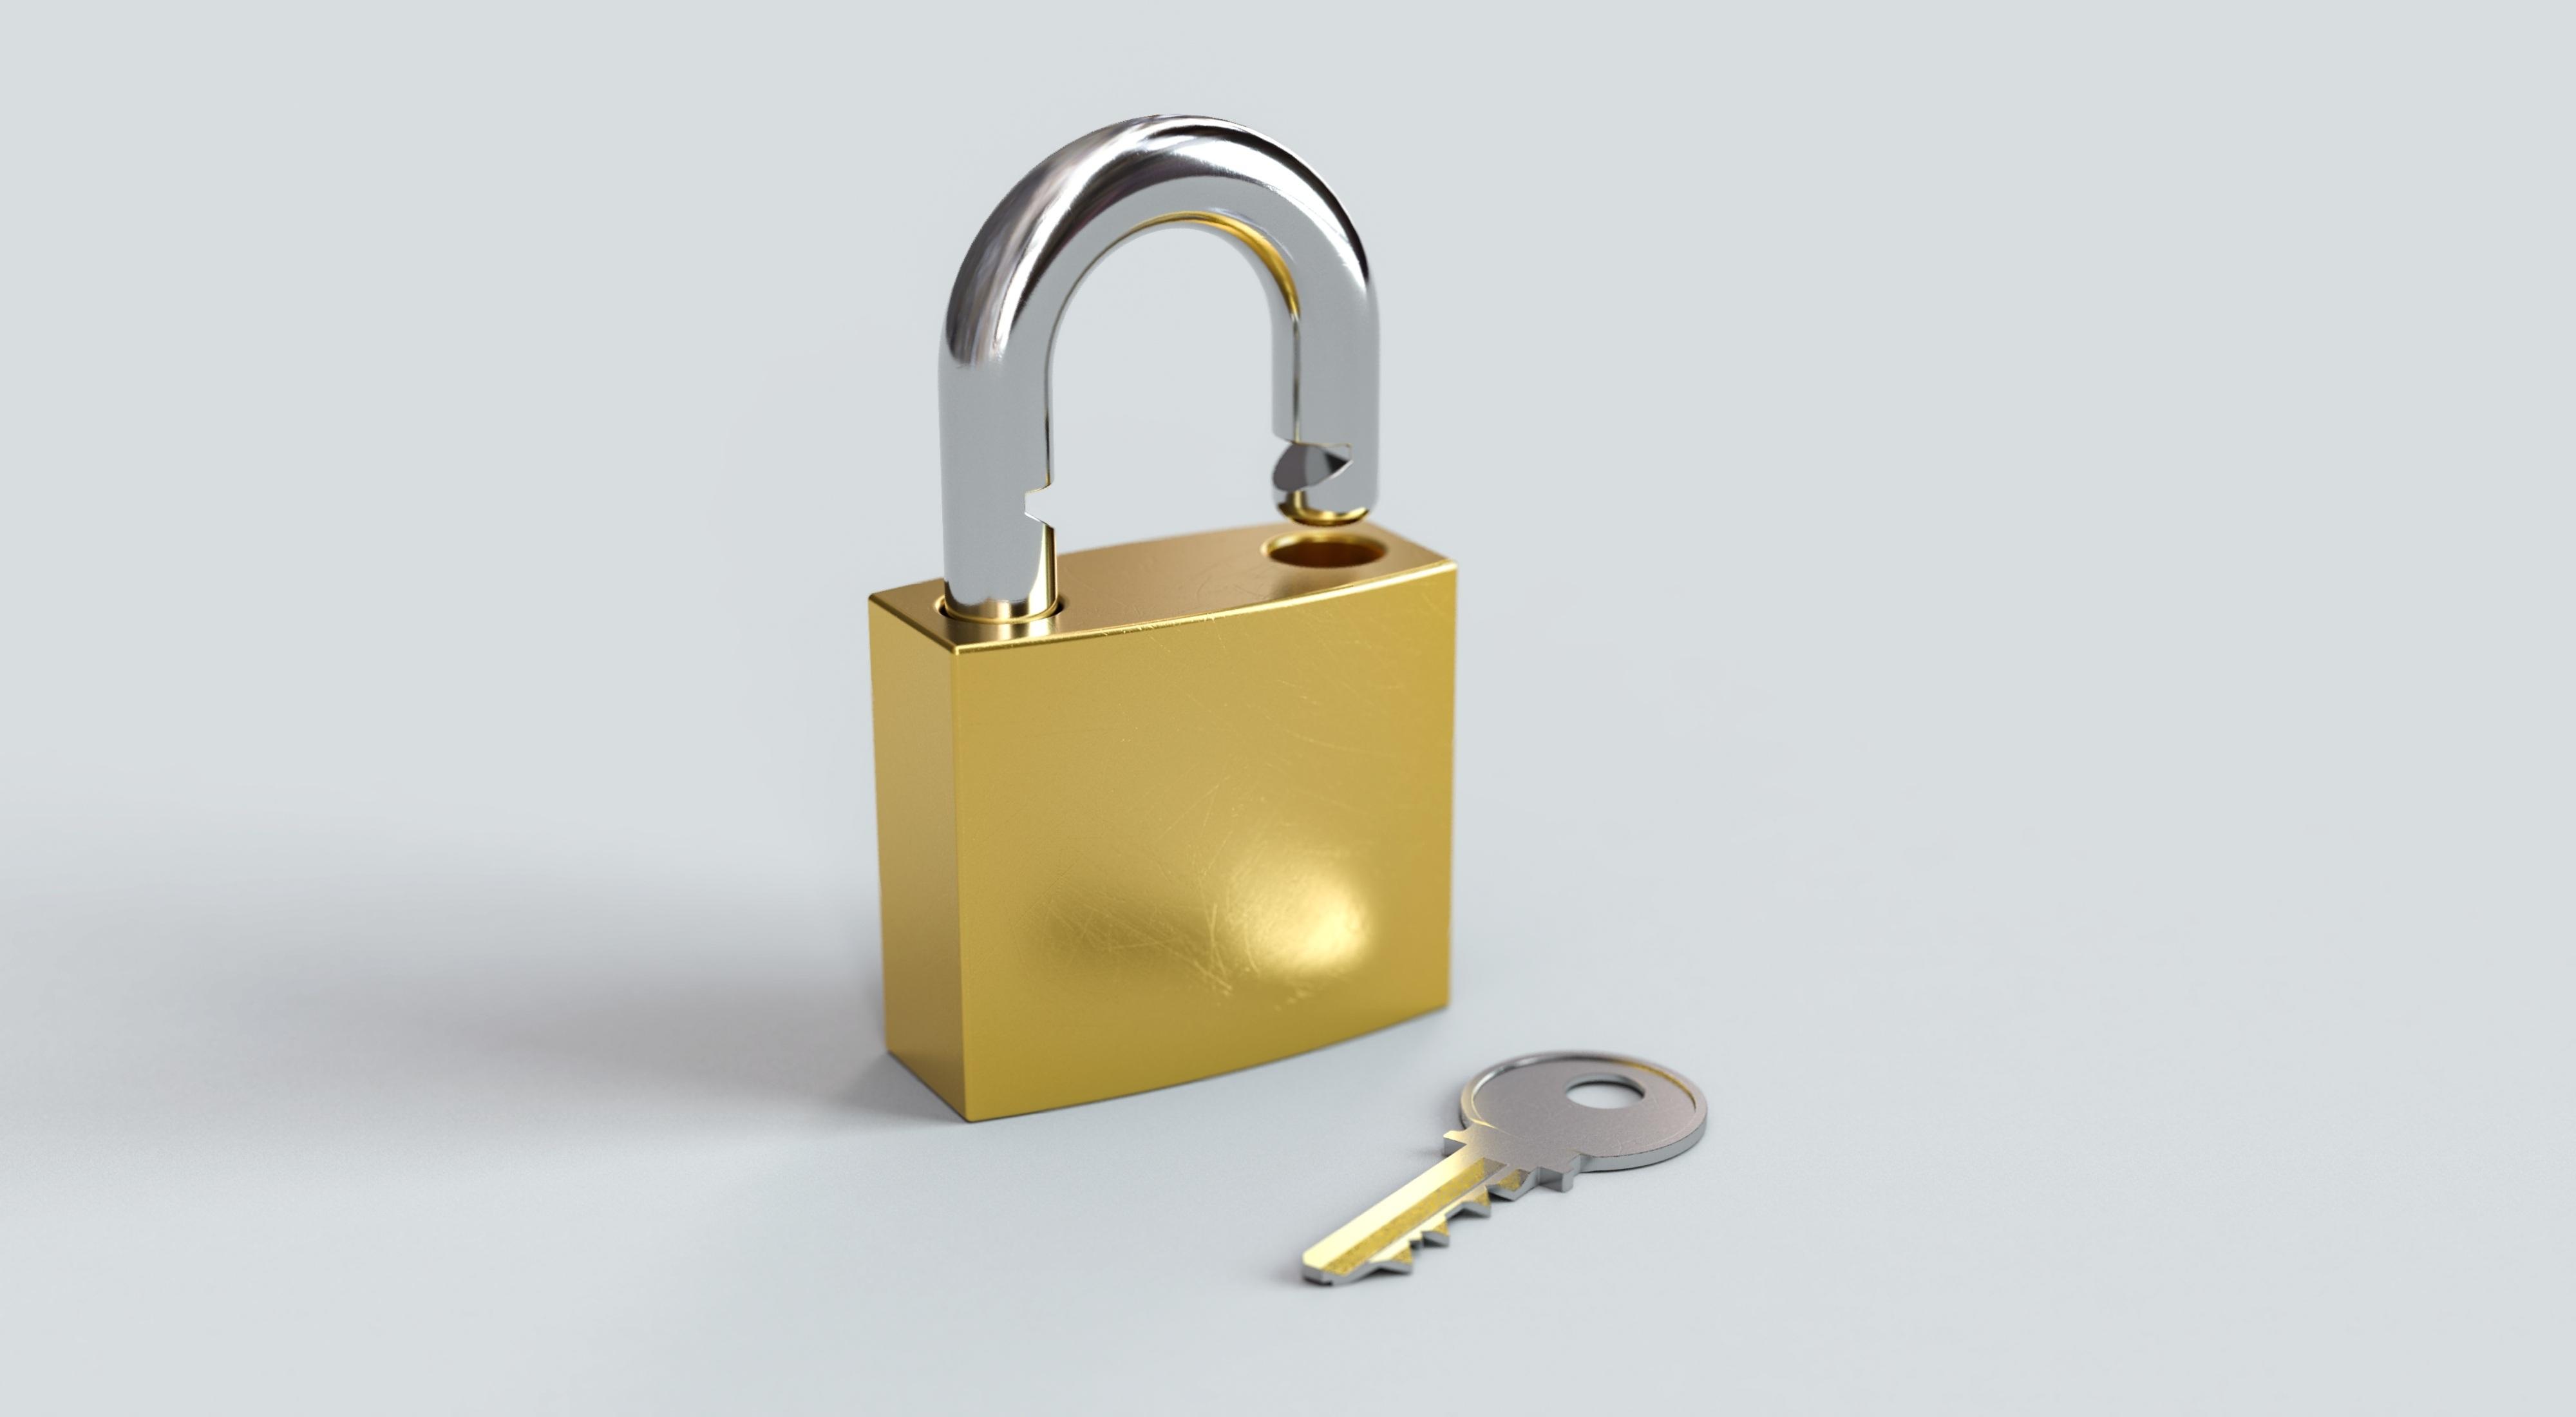 SAP Identity Access